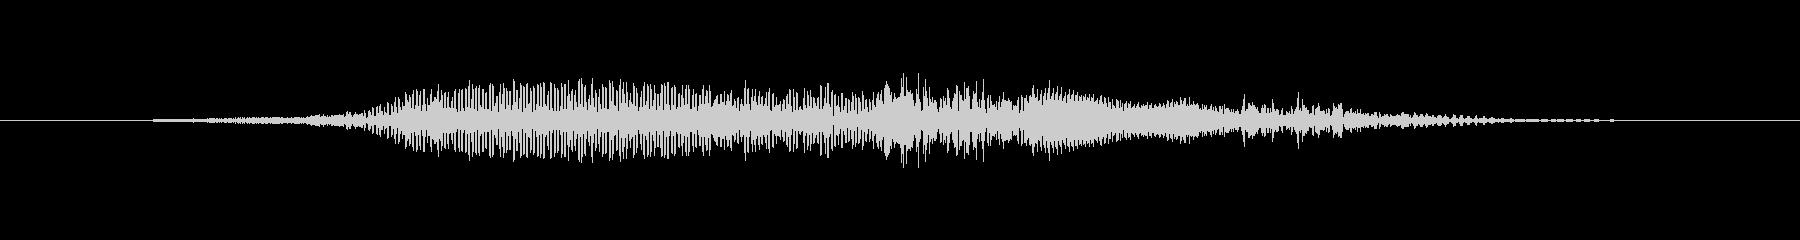 鳴き声 男性ファイトスクリームペイン07の未再生の波形